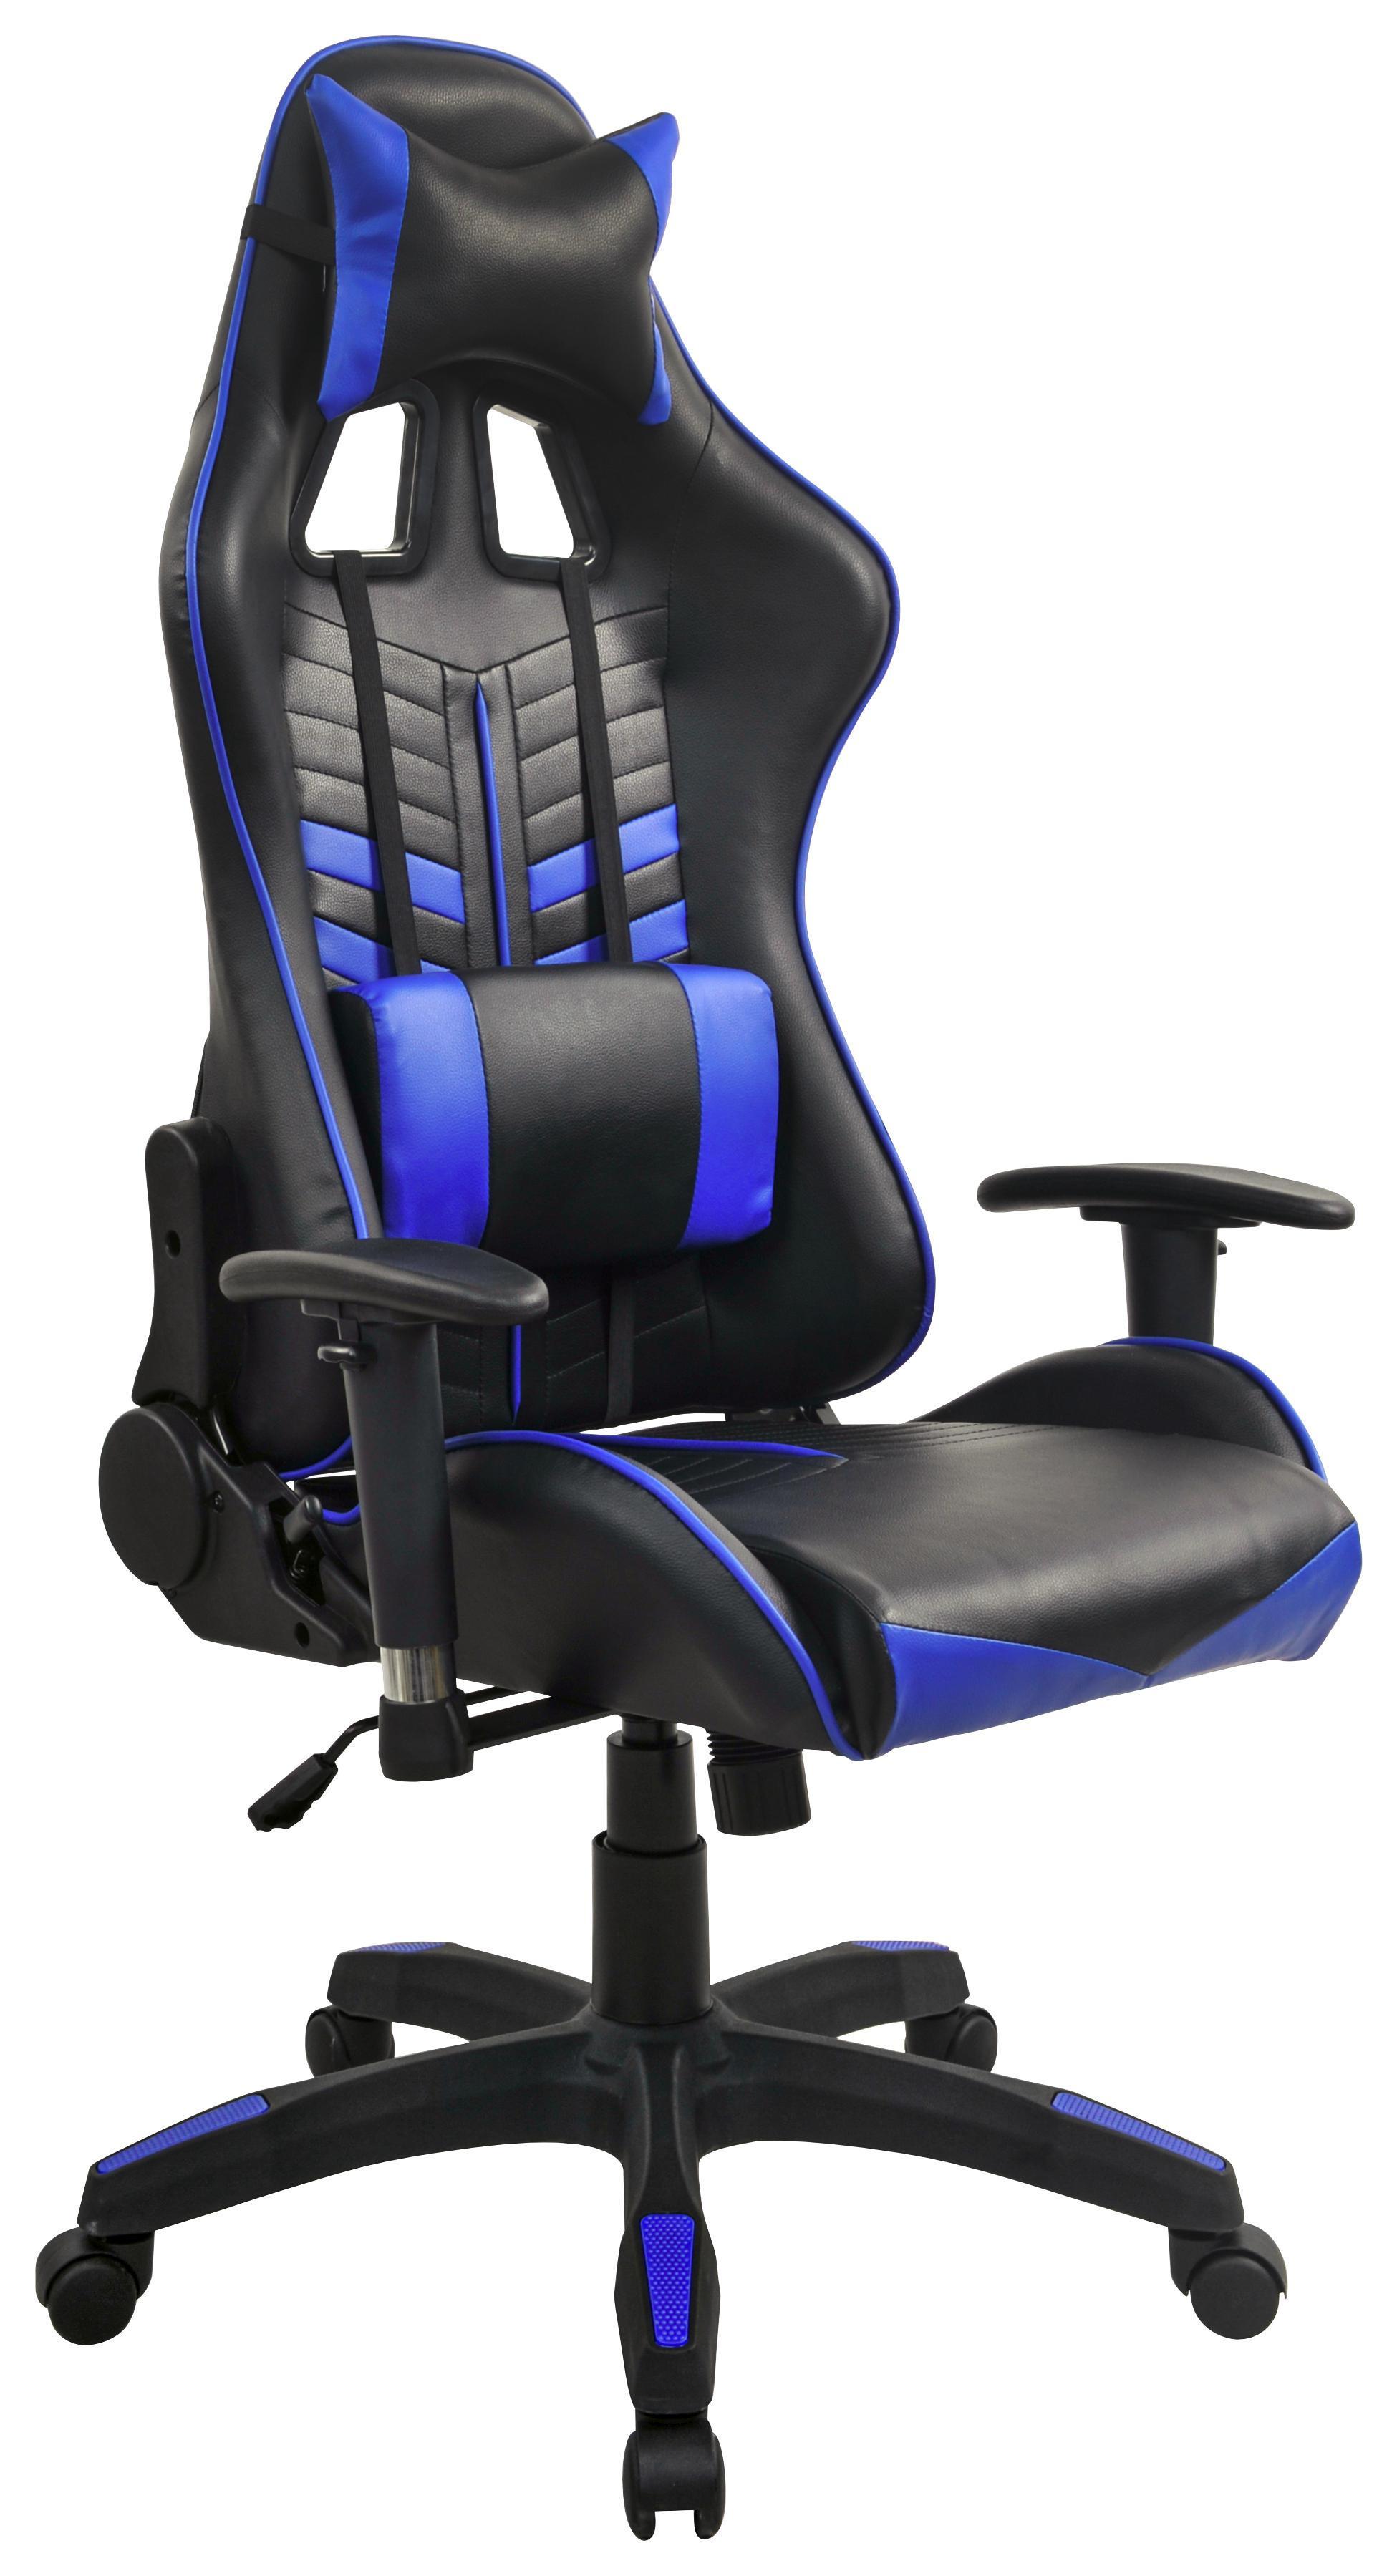 Gamingstuhl Blau Schwarz Kunststoff Textil